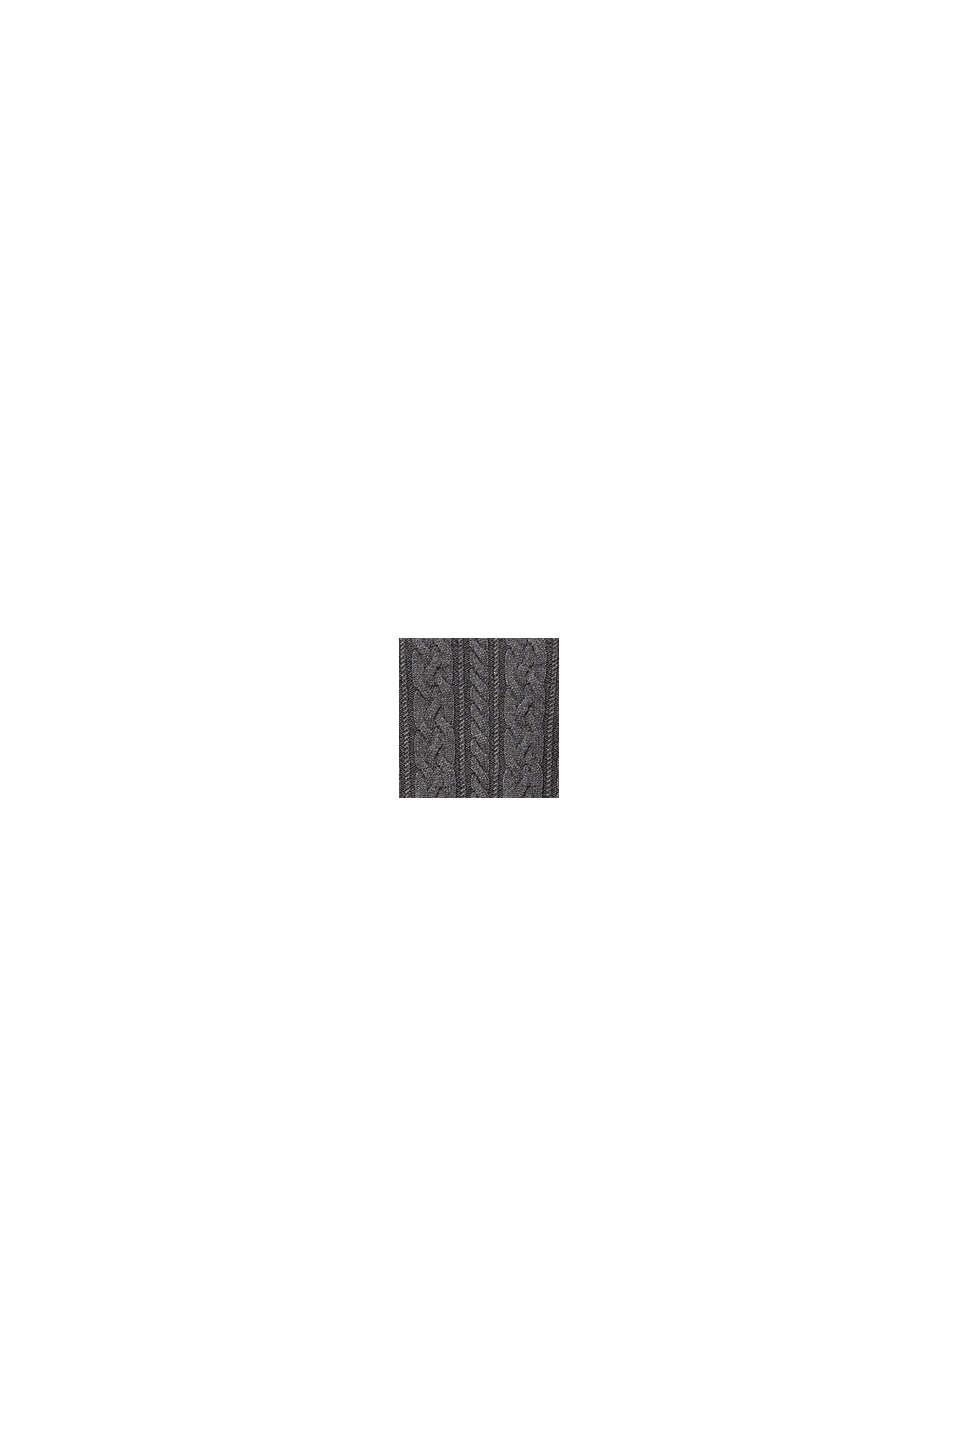 Jersey de punto trenzado en mezcla de lana, DARK GREY, swatch